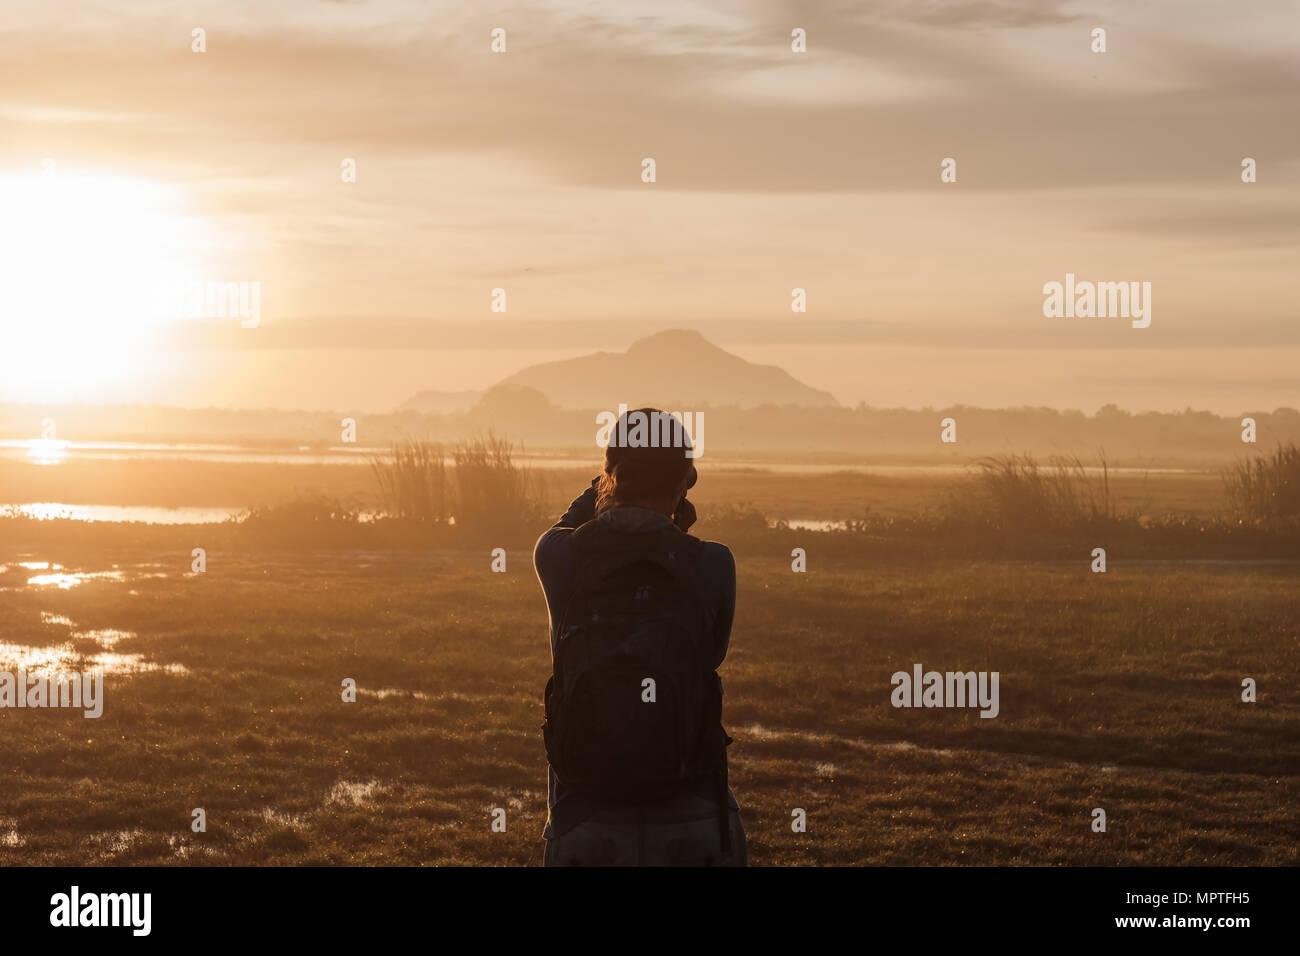 Silhouette einer Frau mit einem Smartphone Bilder aufnehmen bei Sonnenaufgang oder Sonnenuntergang. Stockfoto